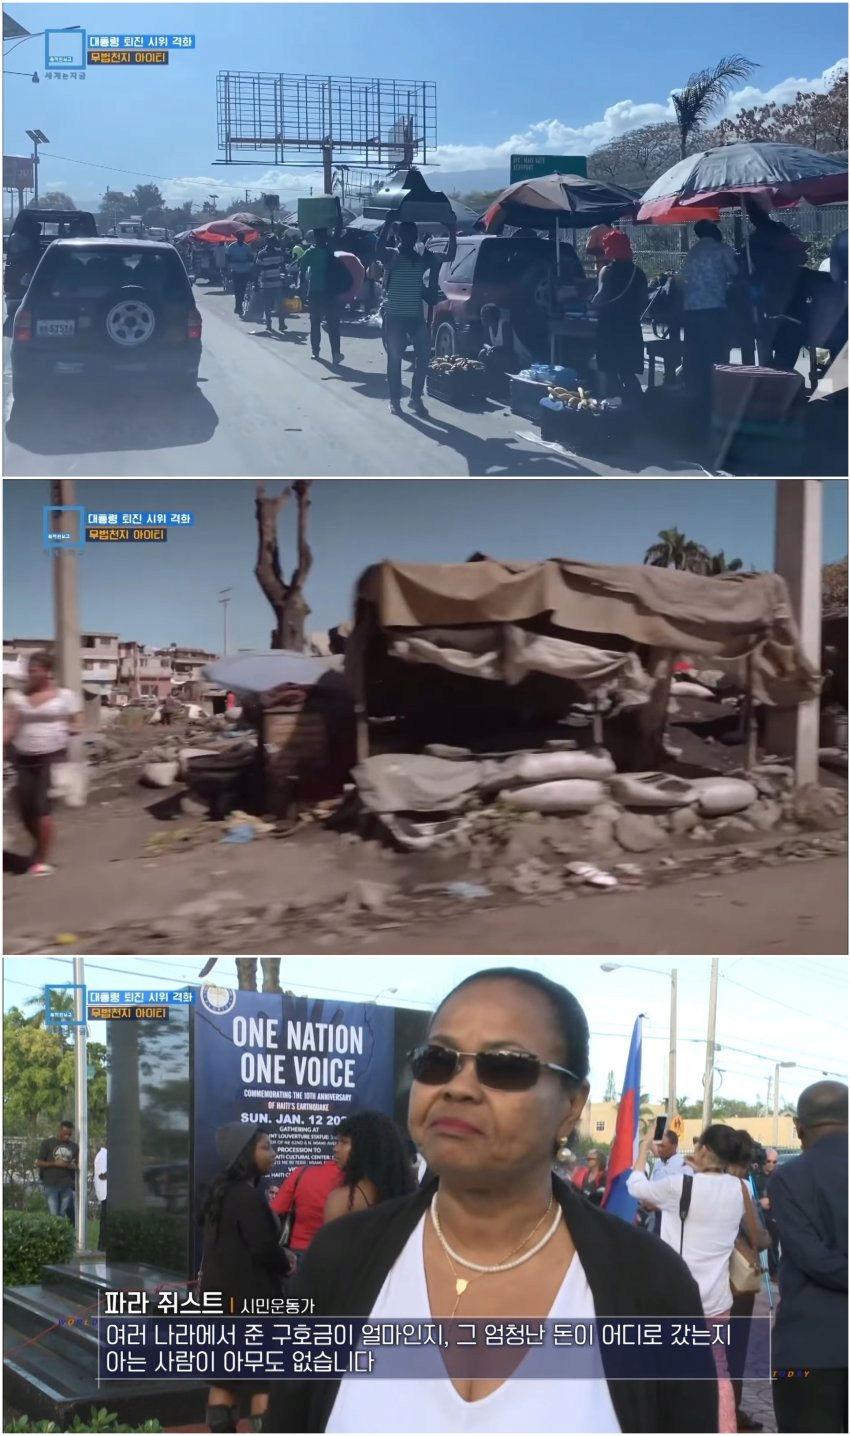 국가 붕괴 직전의 아이티